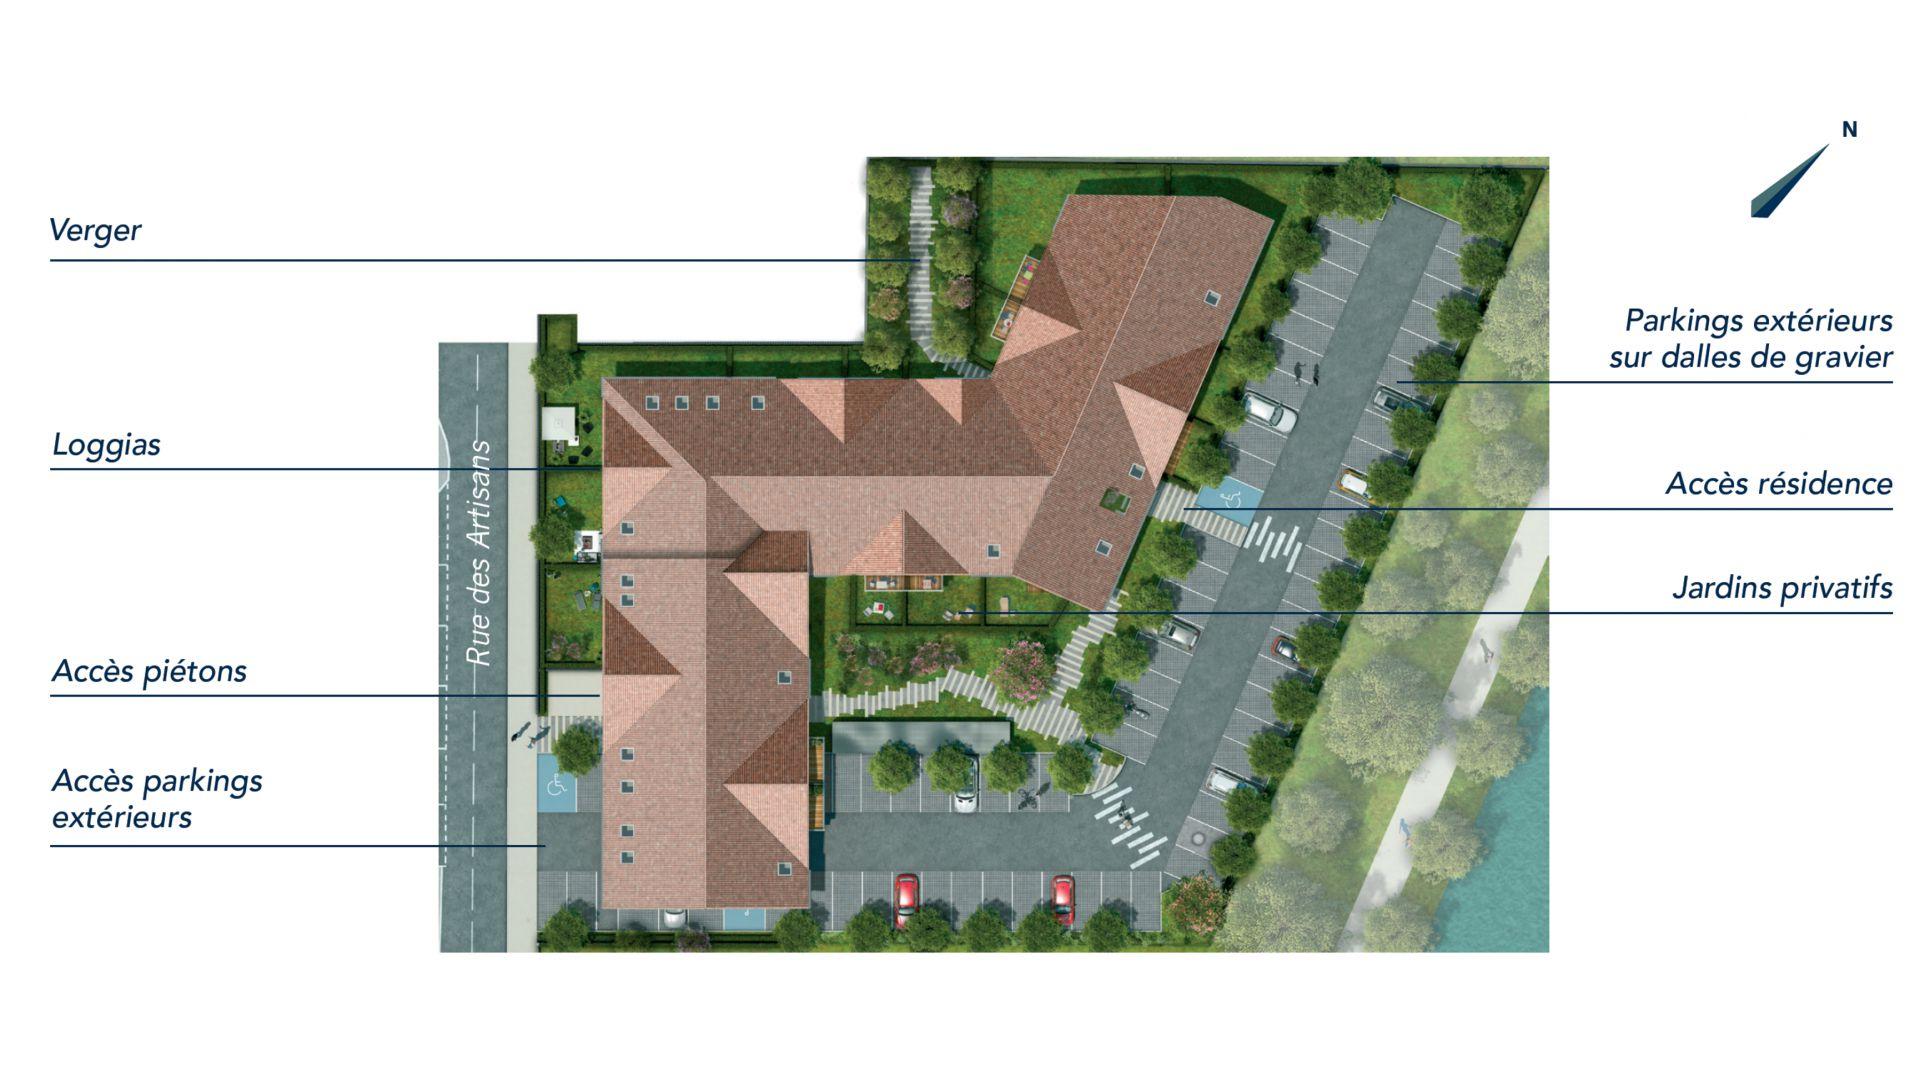 GreenCity immobilier - Fenouillet 31150 - Carré des Muses - appartement du T1 au T3 - plan de masse